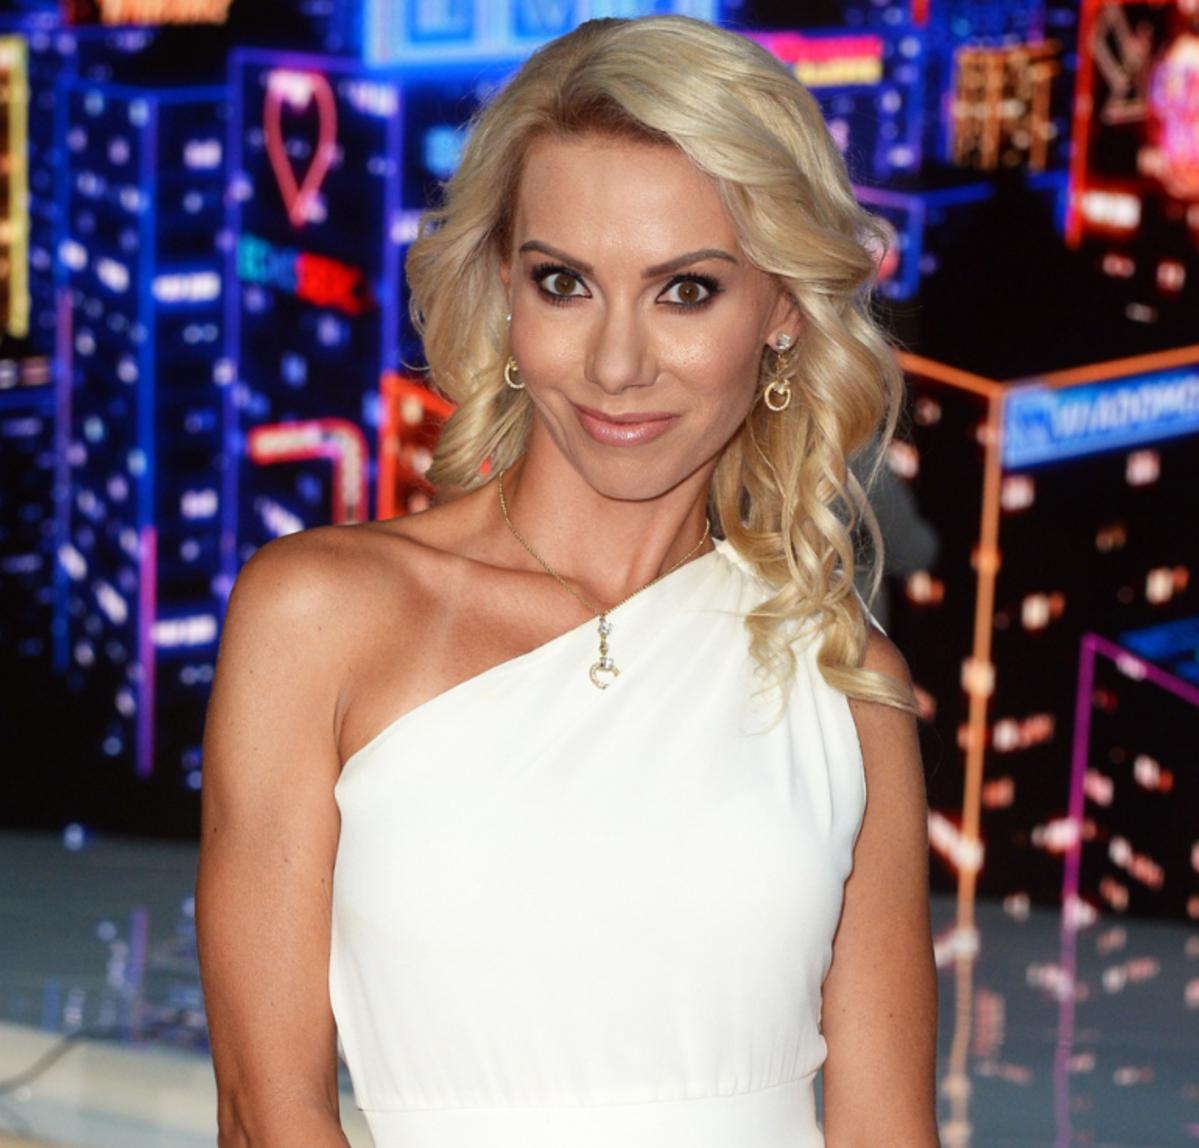 Małgorzata Opczowska w białej sukience